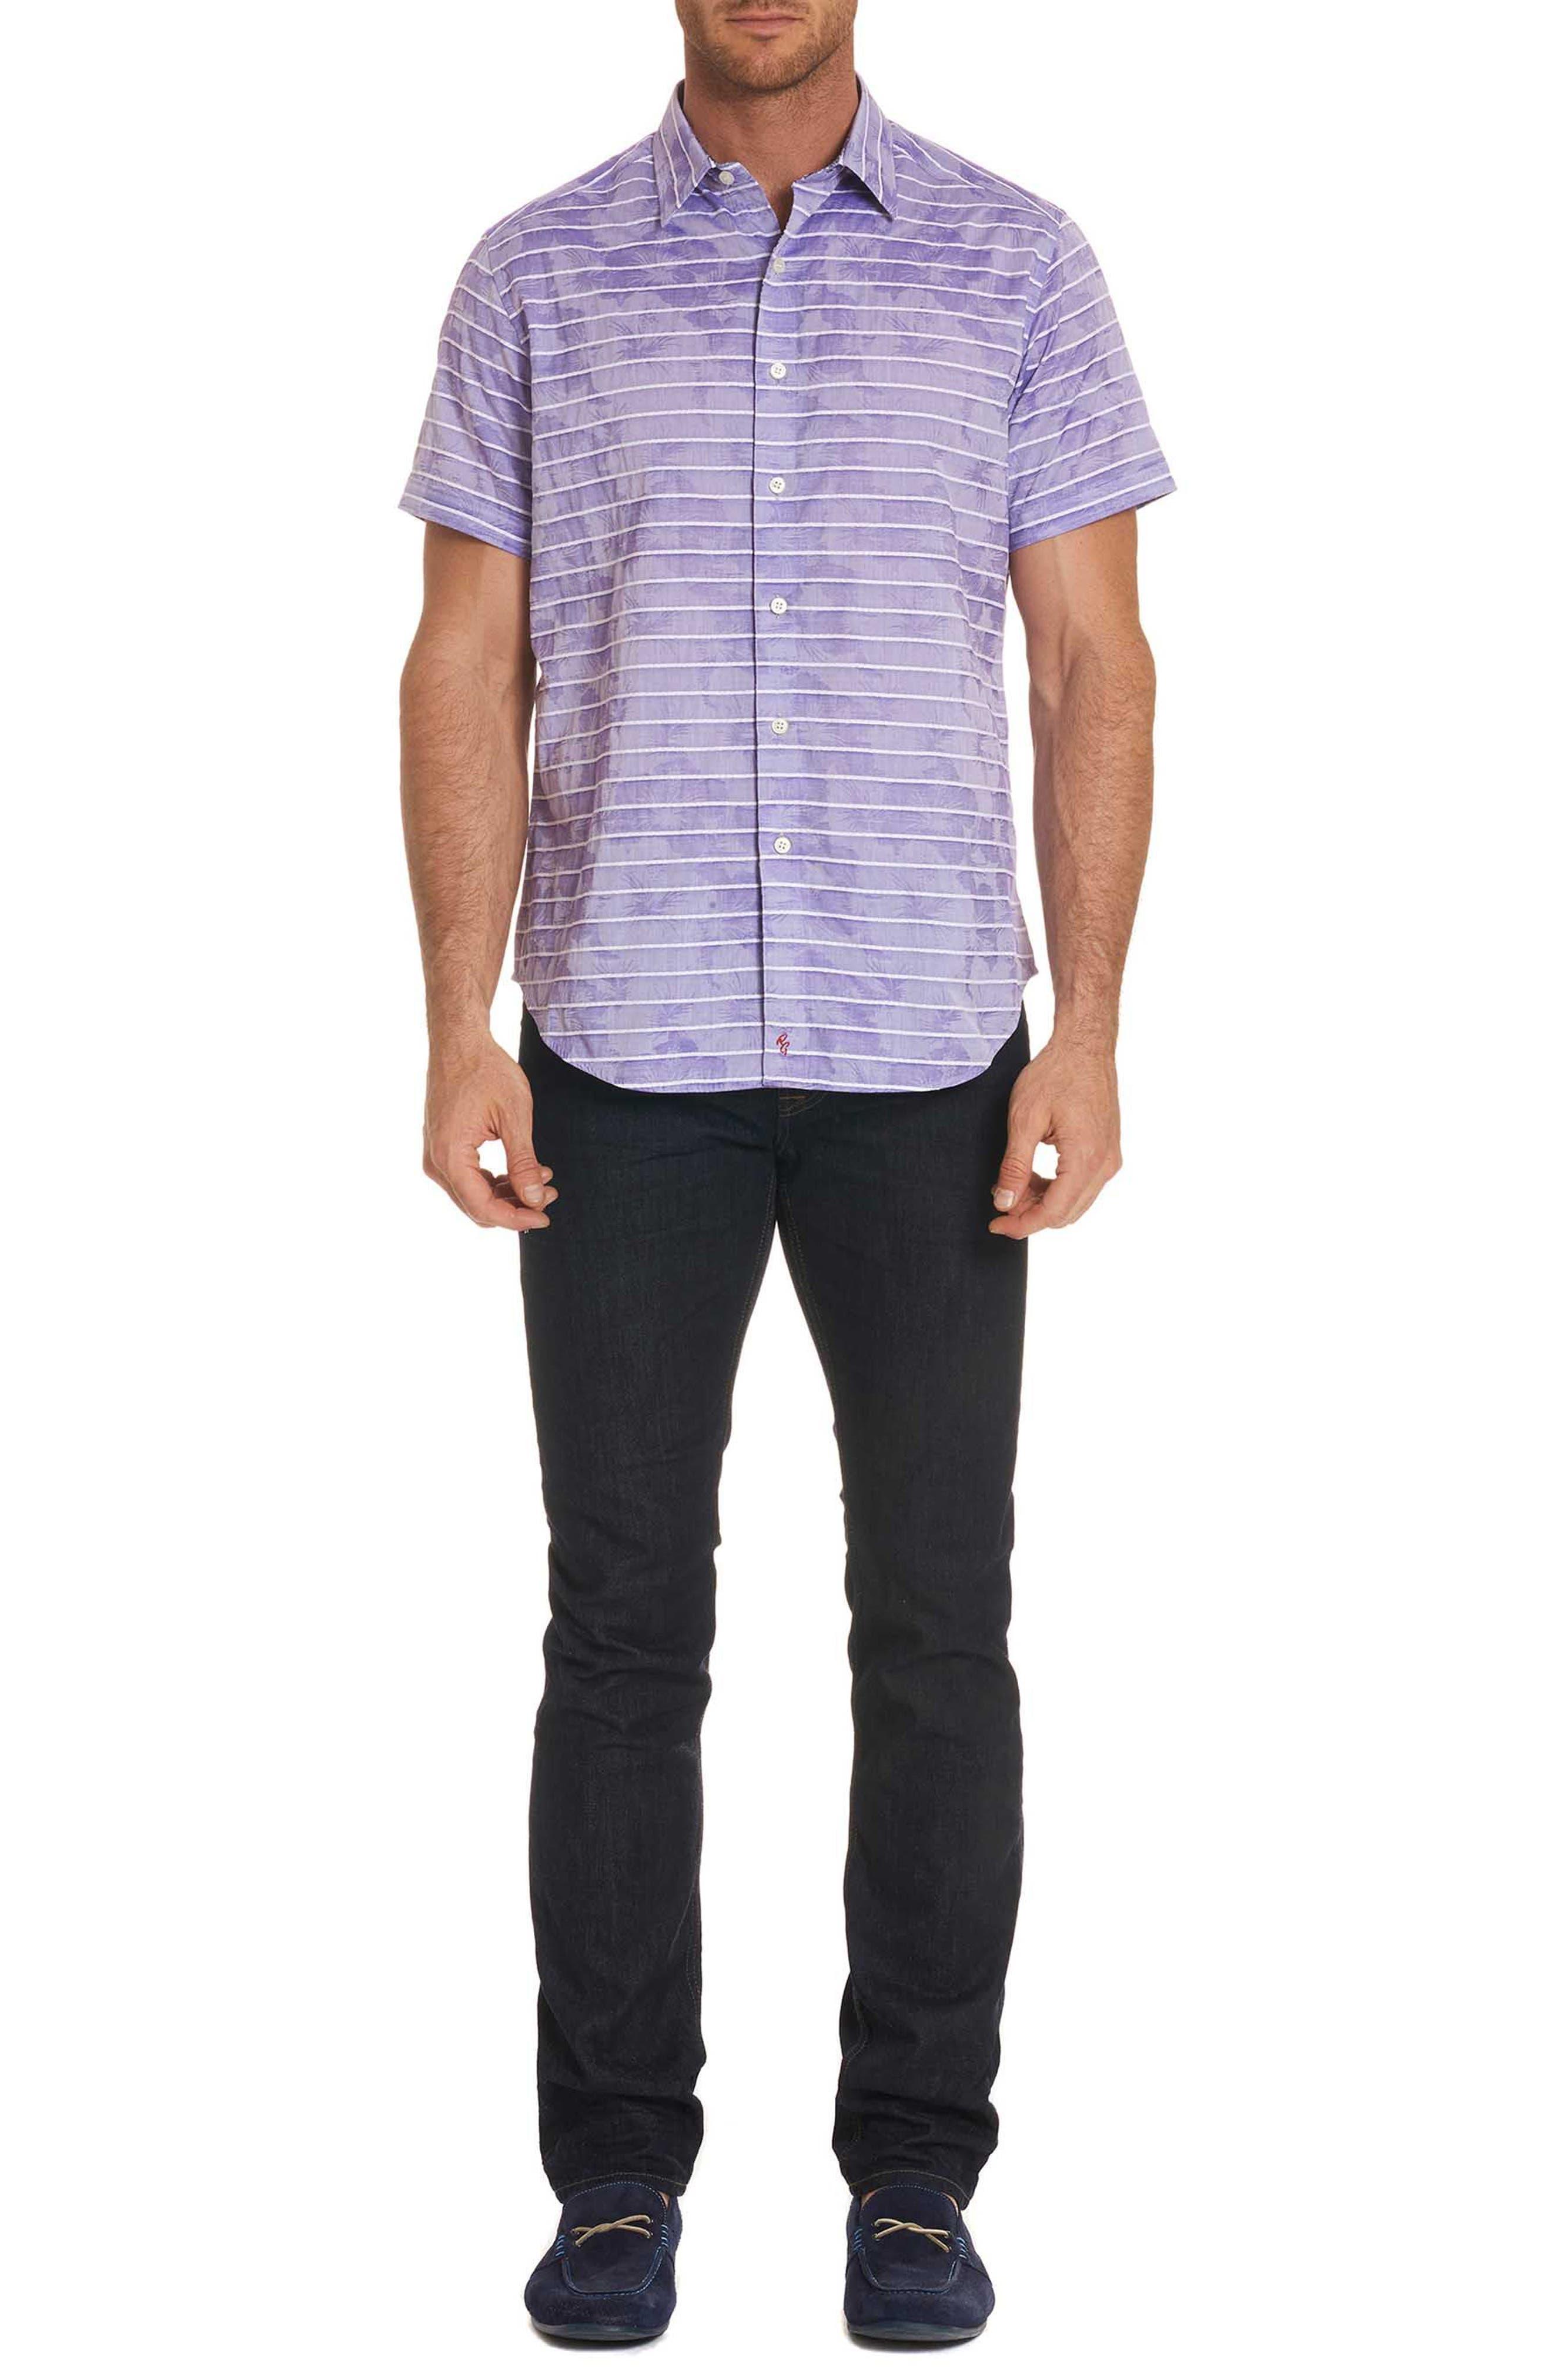 Avenida Classic Fit Jacquard Sport Shirt,                             Alternate thumbnail 7, color,                             510